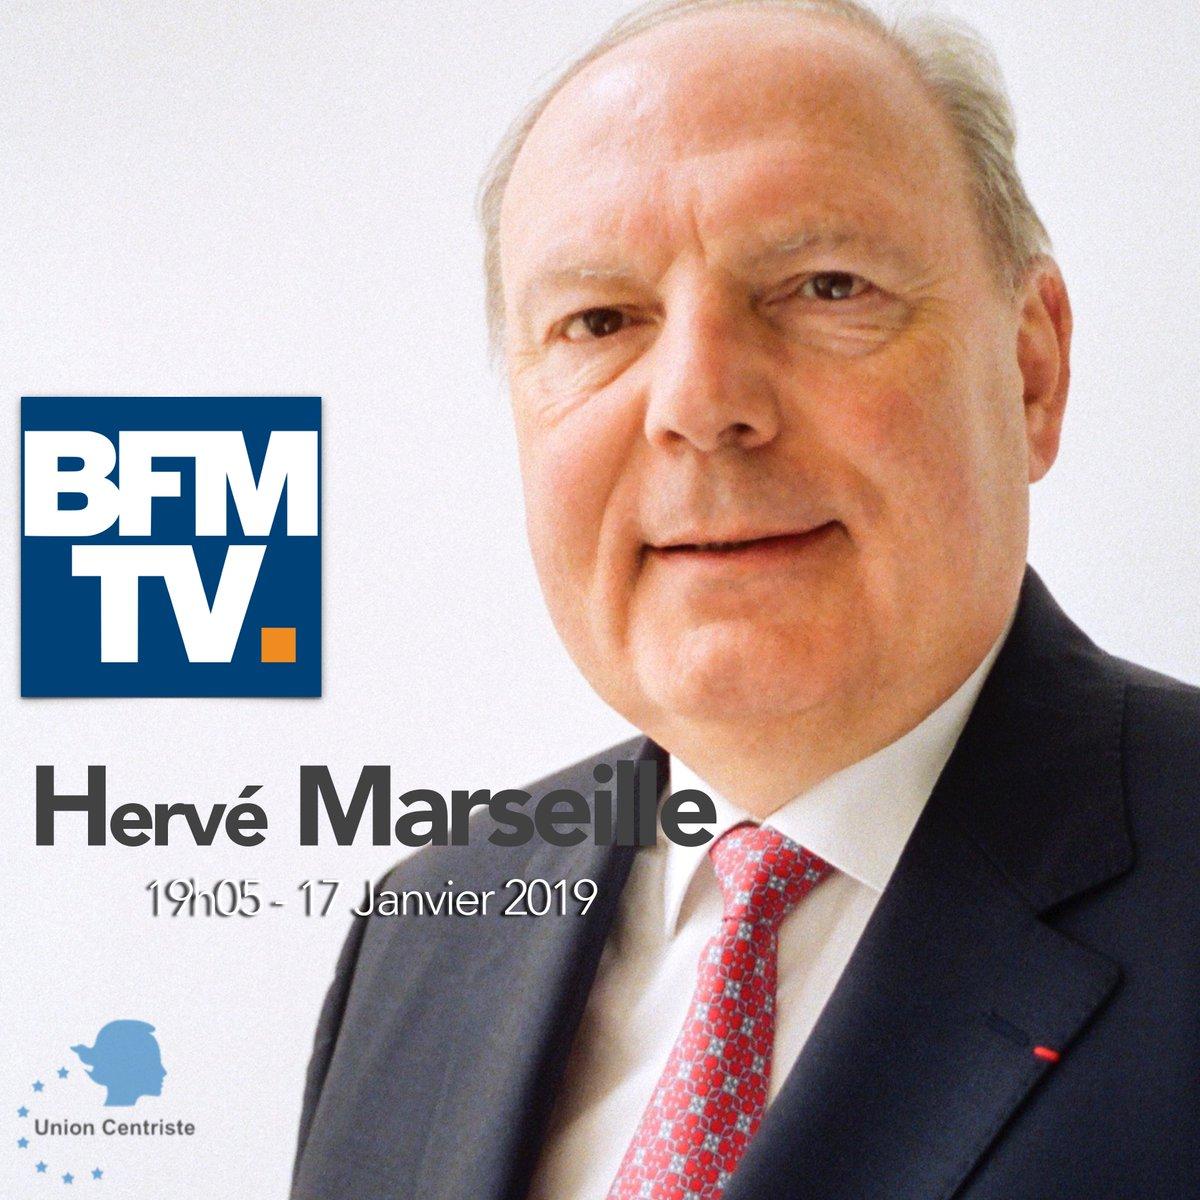 #MÉDIAS #AffaireBenalla - Le Président @HerveMarseille répondra aux questions de @ruthelkrief en direct à 19h05